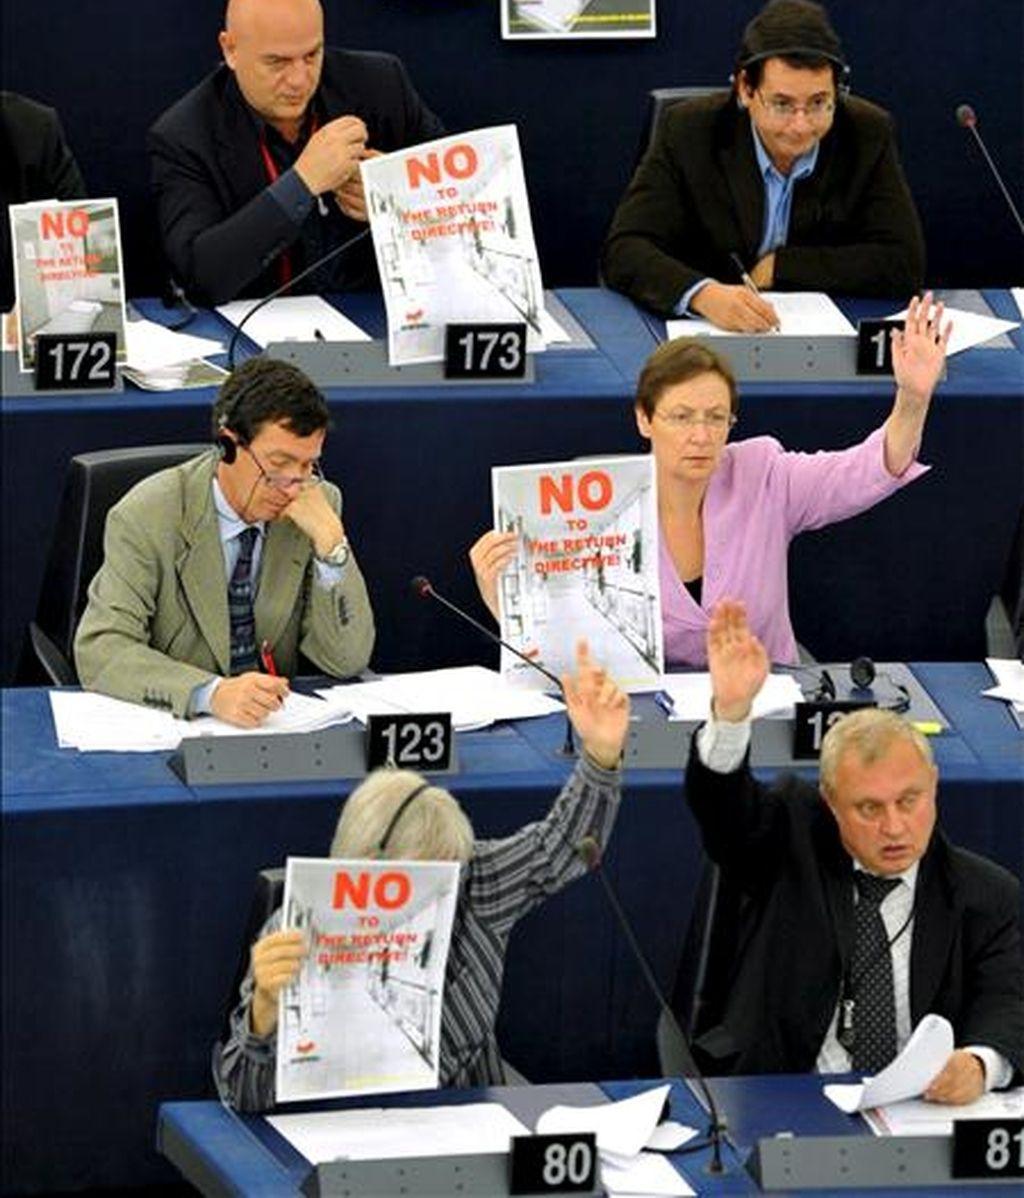 Europarlamentarios votan una directiva en junio de 2008 en sesión plenaria del Parlamento Europeo en Estrasburgo (Francia). EFE/Archivo